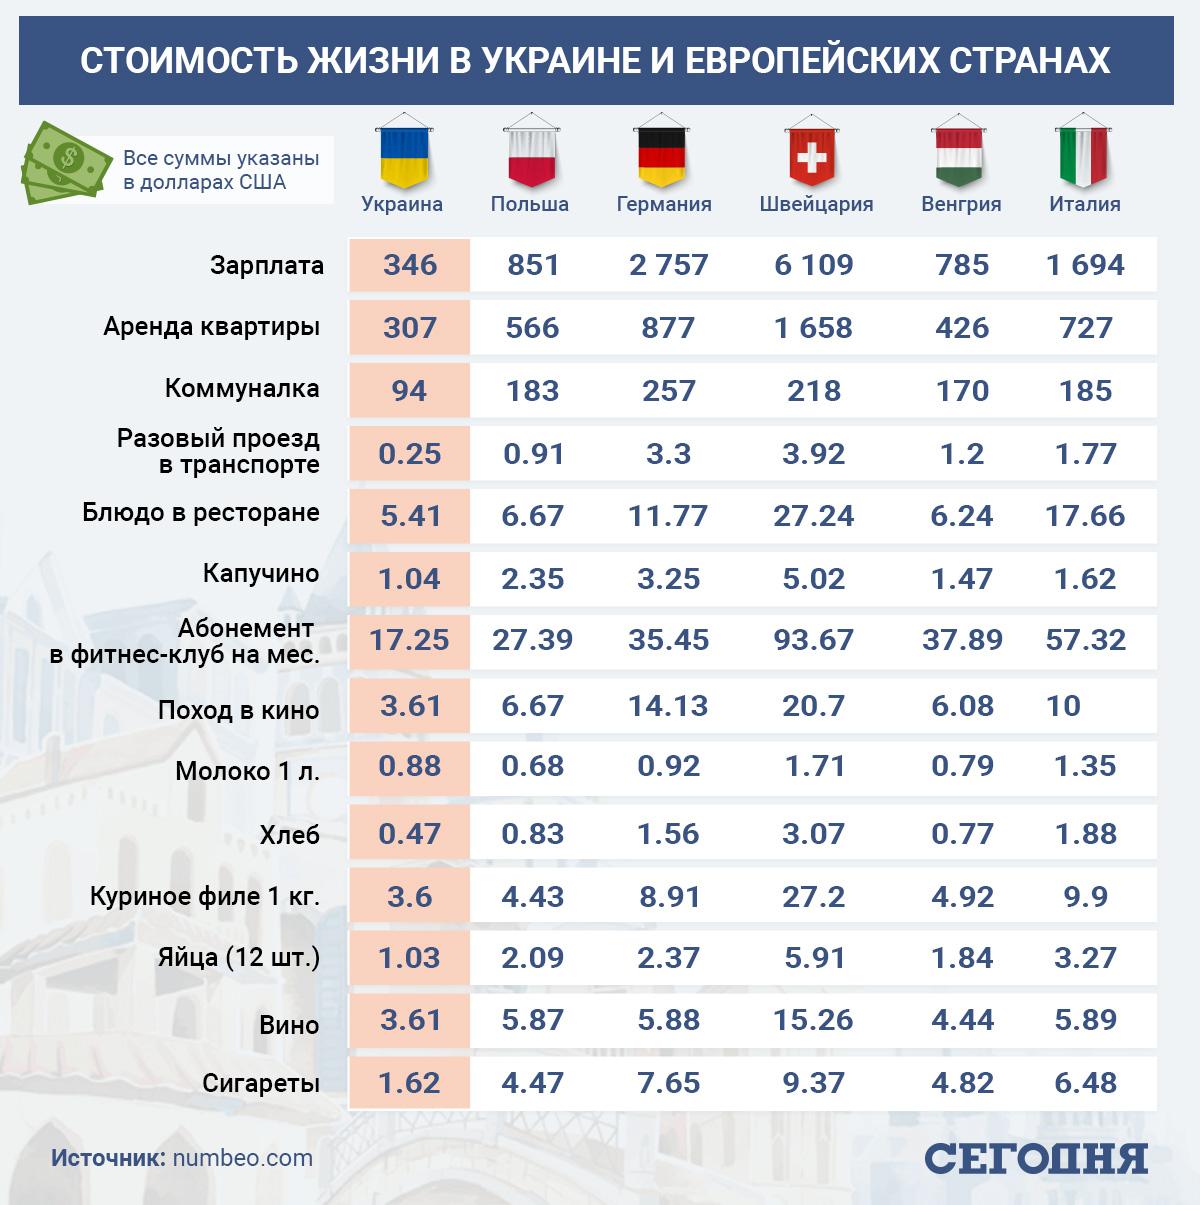 Хорошо там, где недорого: сравниваем цены и доходы в Украине и Европе